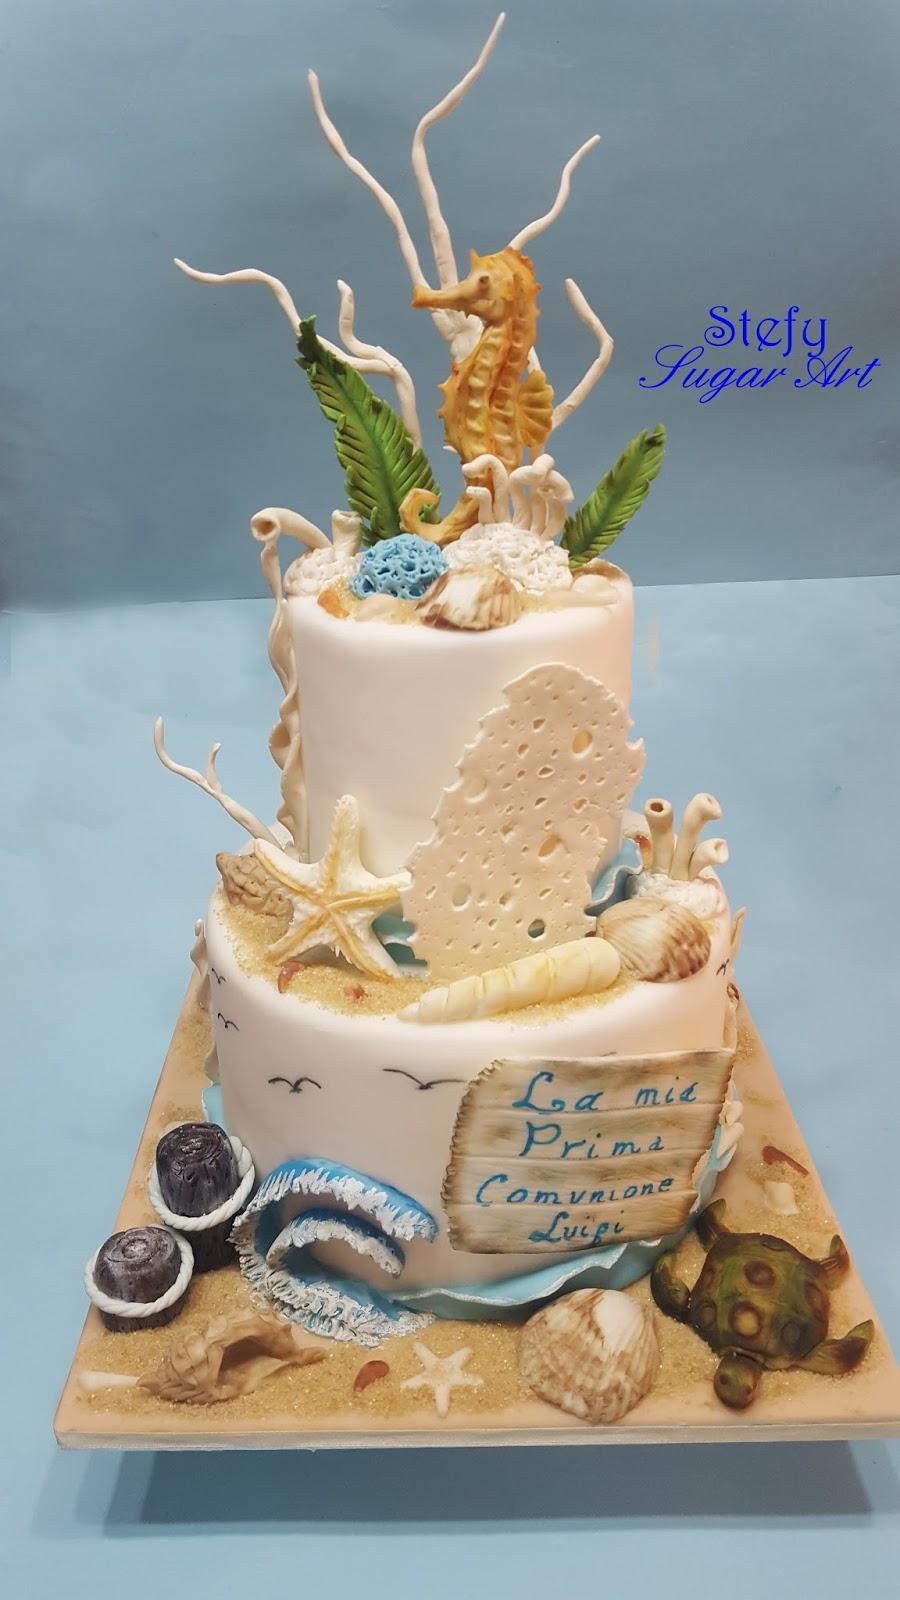 Pasticci in famiglia sugar cake prima comunione tema mare for Decorazioni torte tema mare